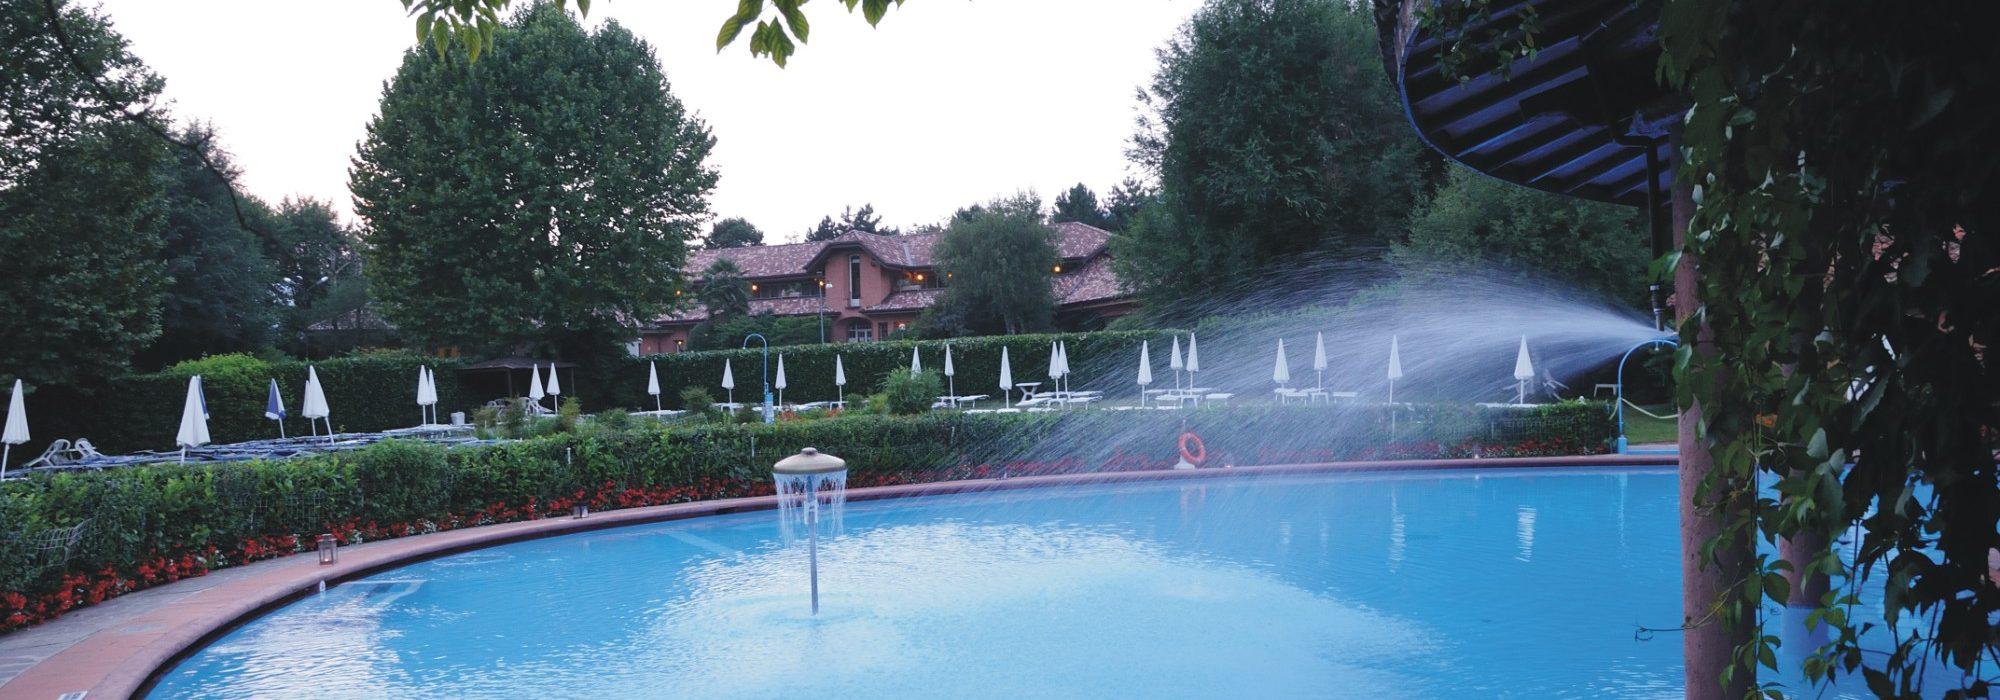 centro sportivo piscine 0